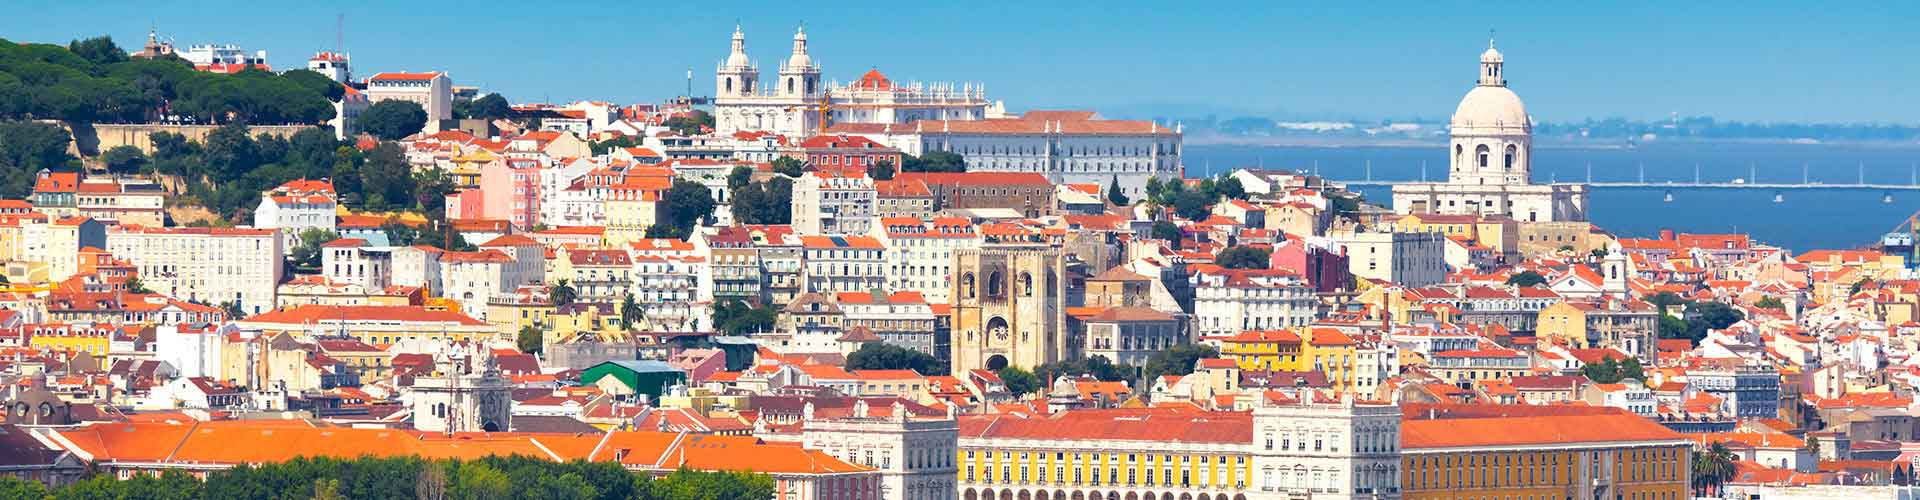 Lisboa – Apartamentos próximos de Lisboa Aeroporto da Portela. Mapas para Lisboa, Fotos e Avaliações para cada Apartamento em Lisboa.